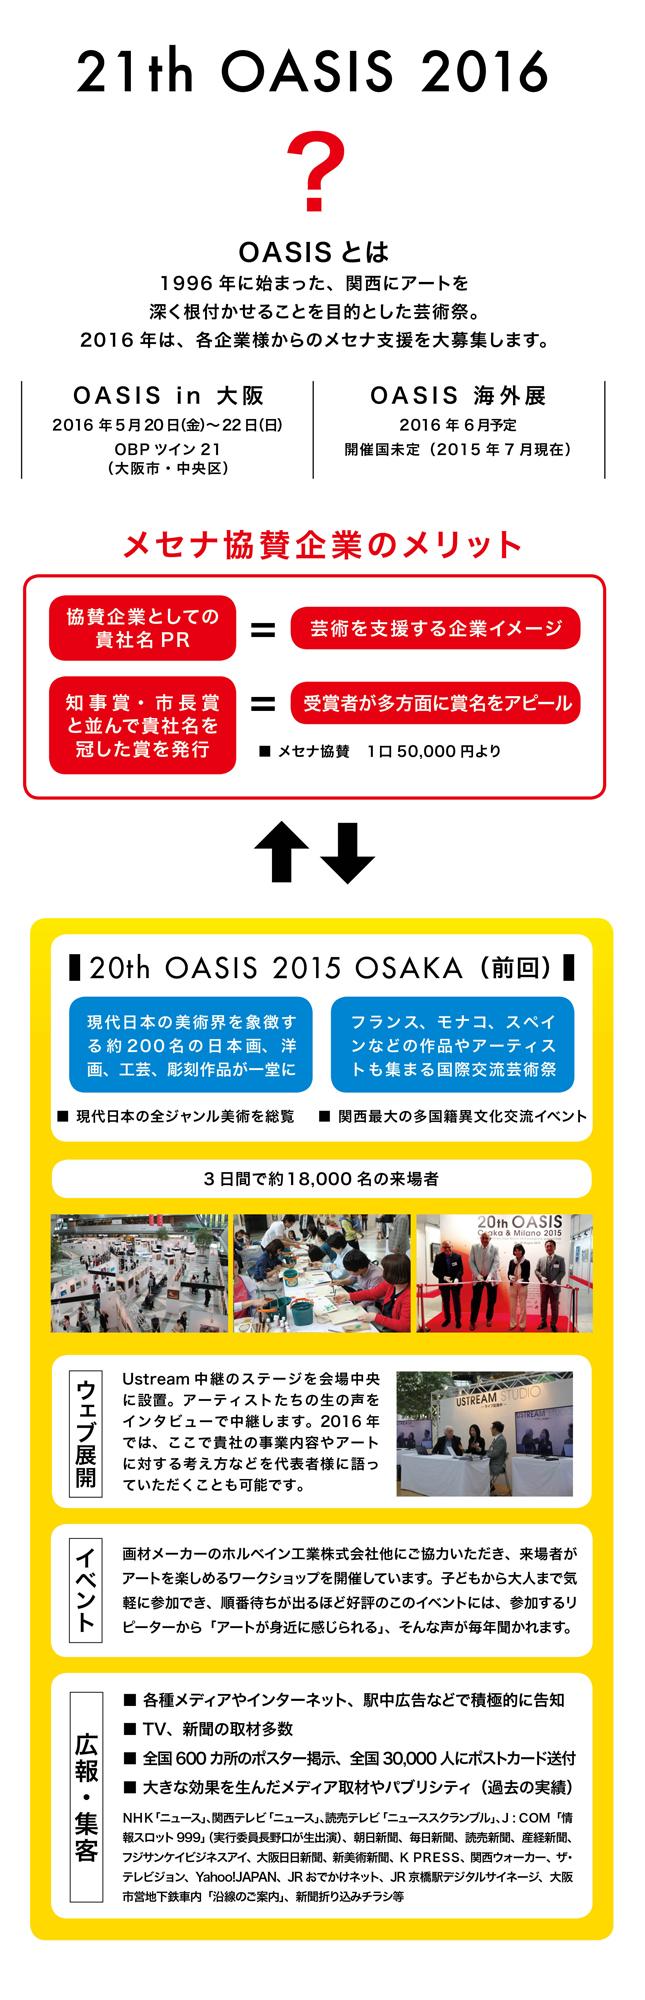 芸術祭 OASIS